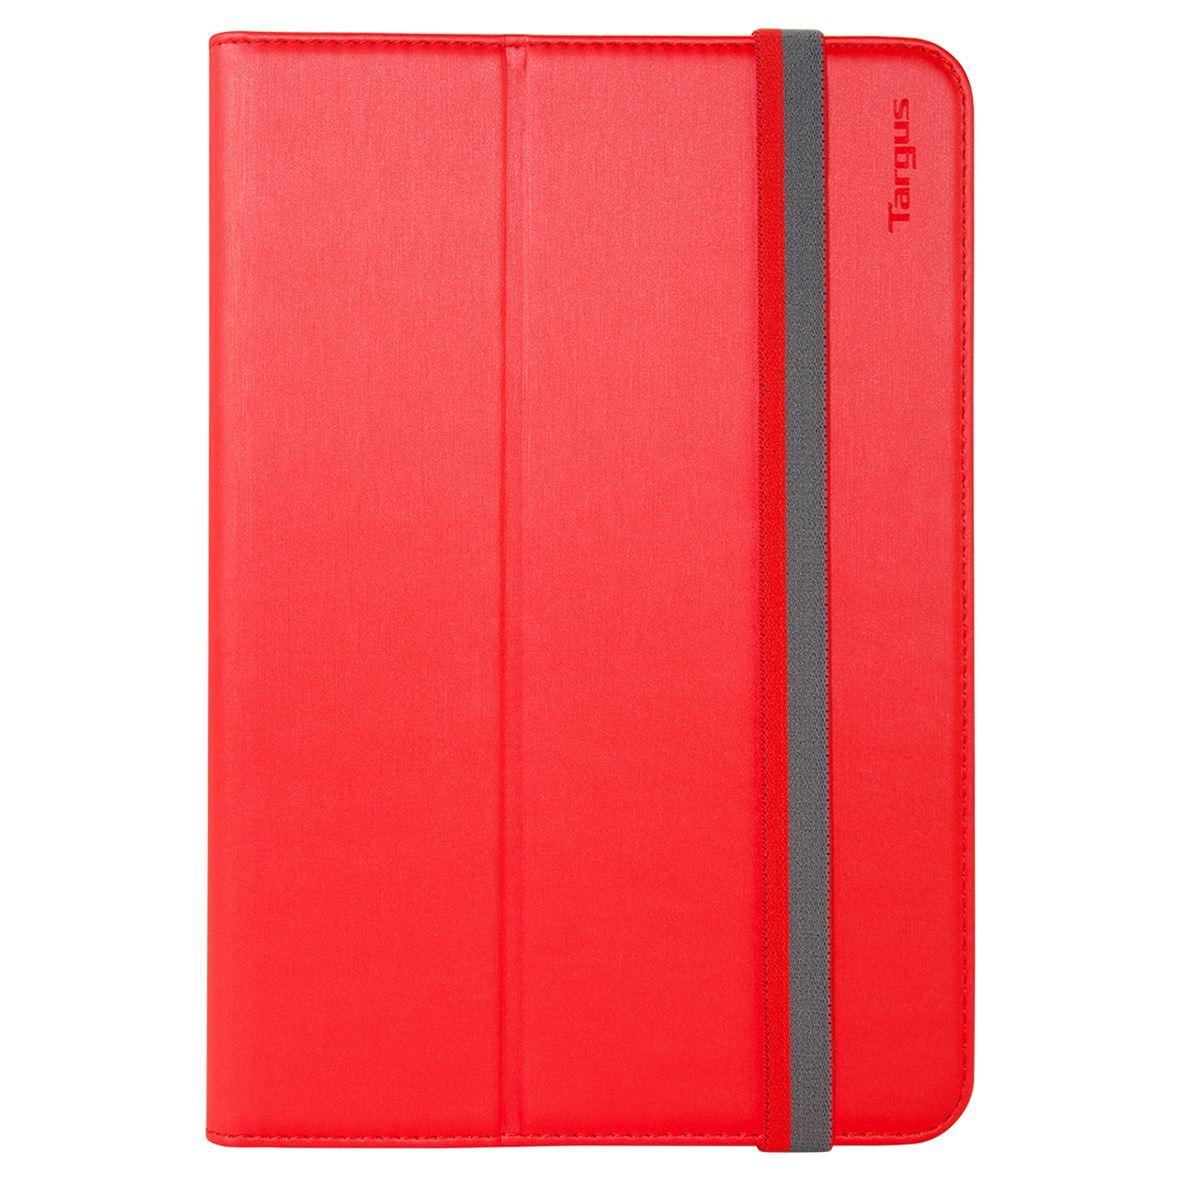 TARGUS SafeFit iPad mini 1,2,3,4 Tablet Case Red